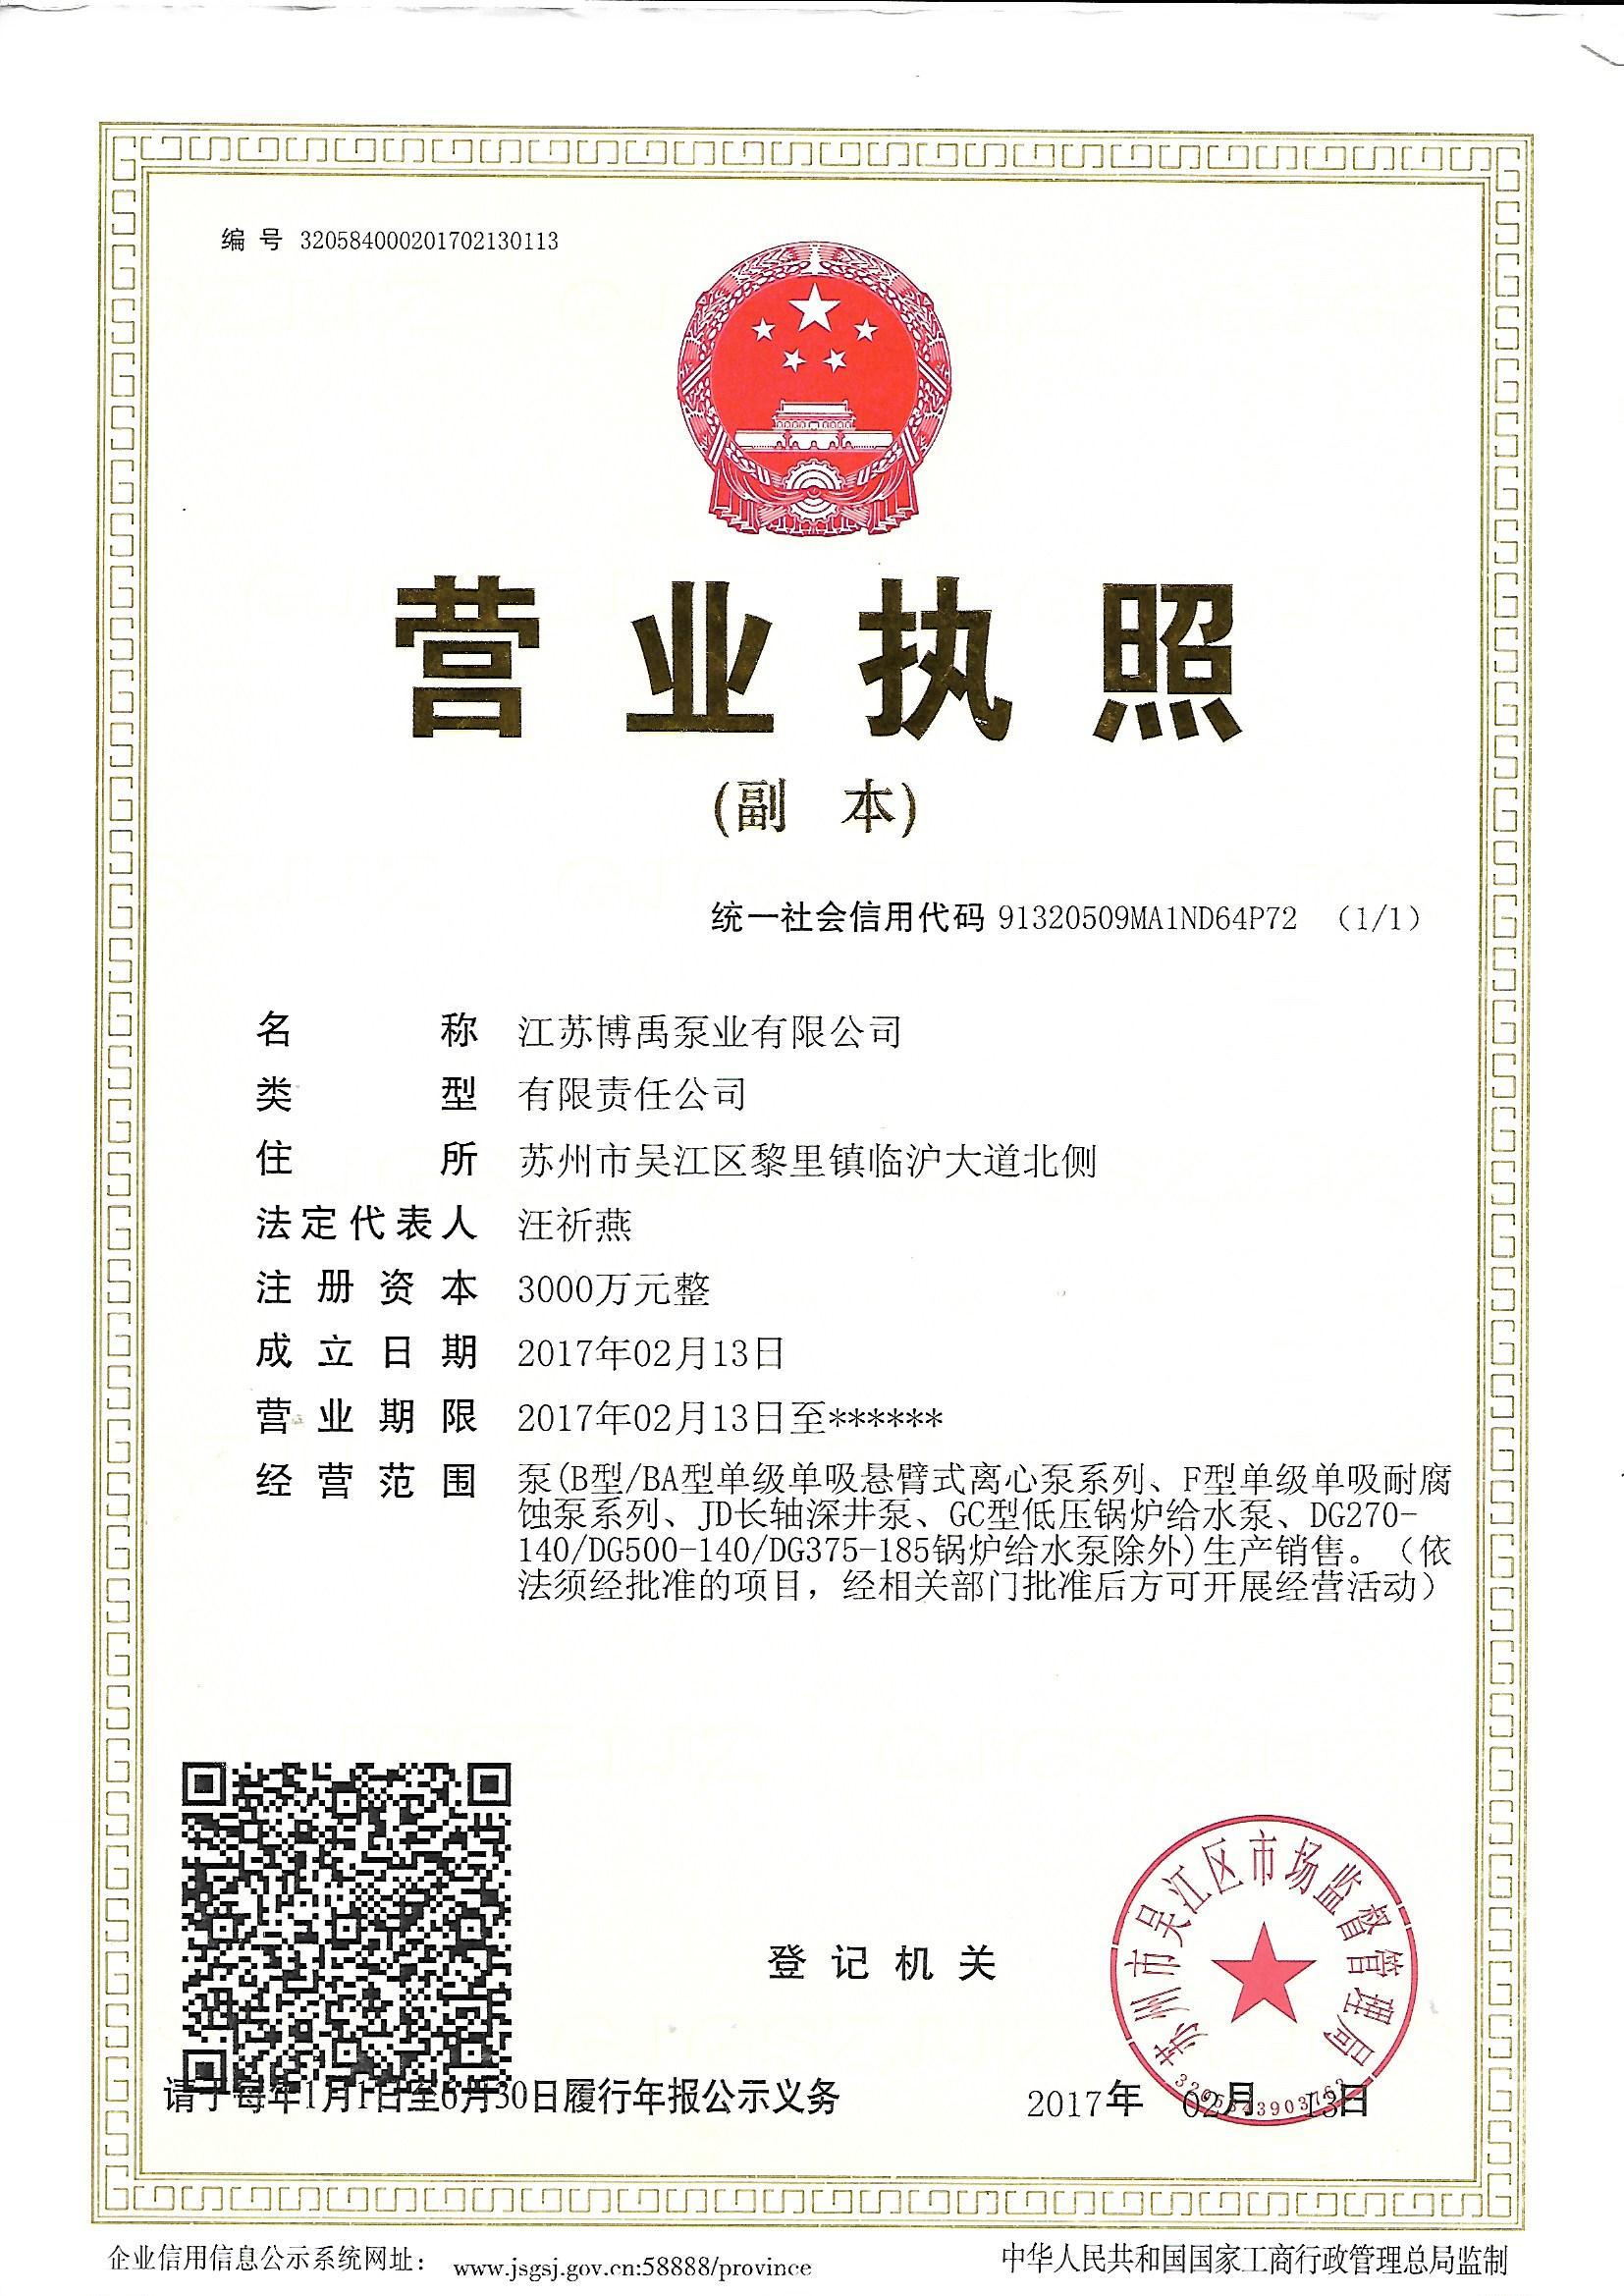 ca88亚洲城娱乐博禹泵业营业执照